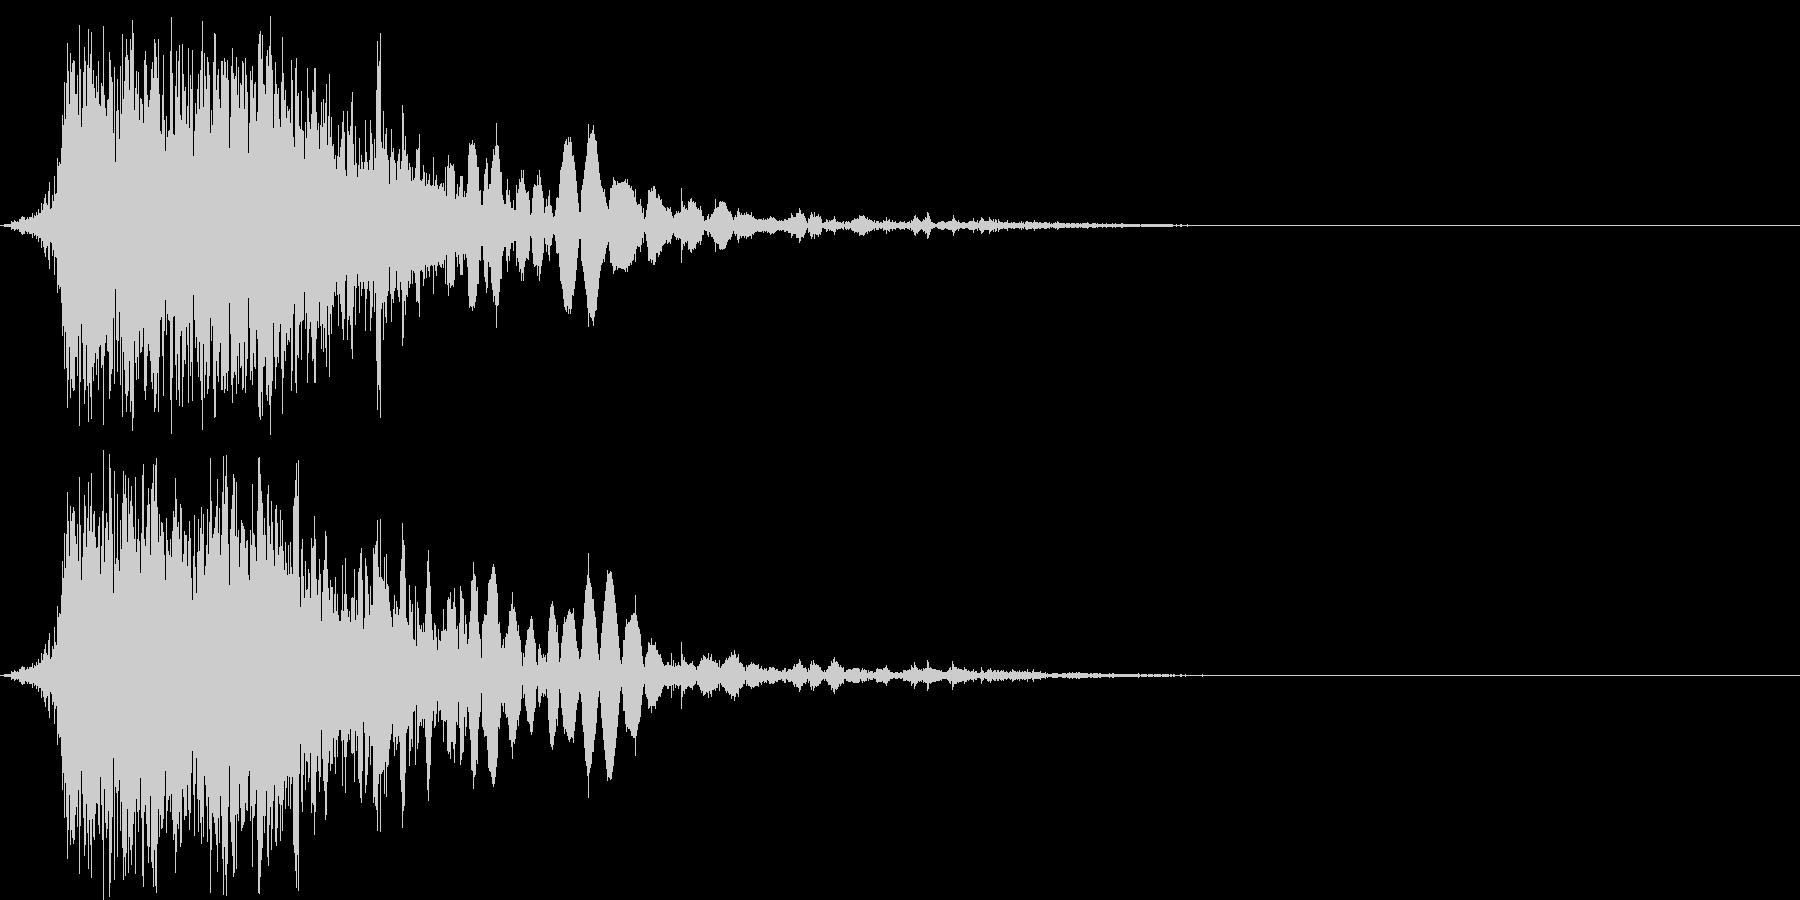 斬撃音(刀や剣で斬る/刺す効果音)06bの未再生の波形